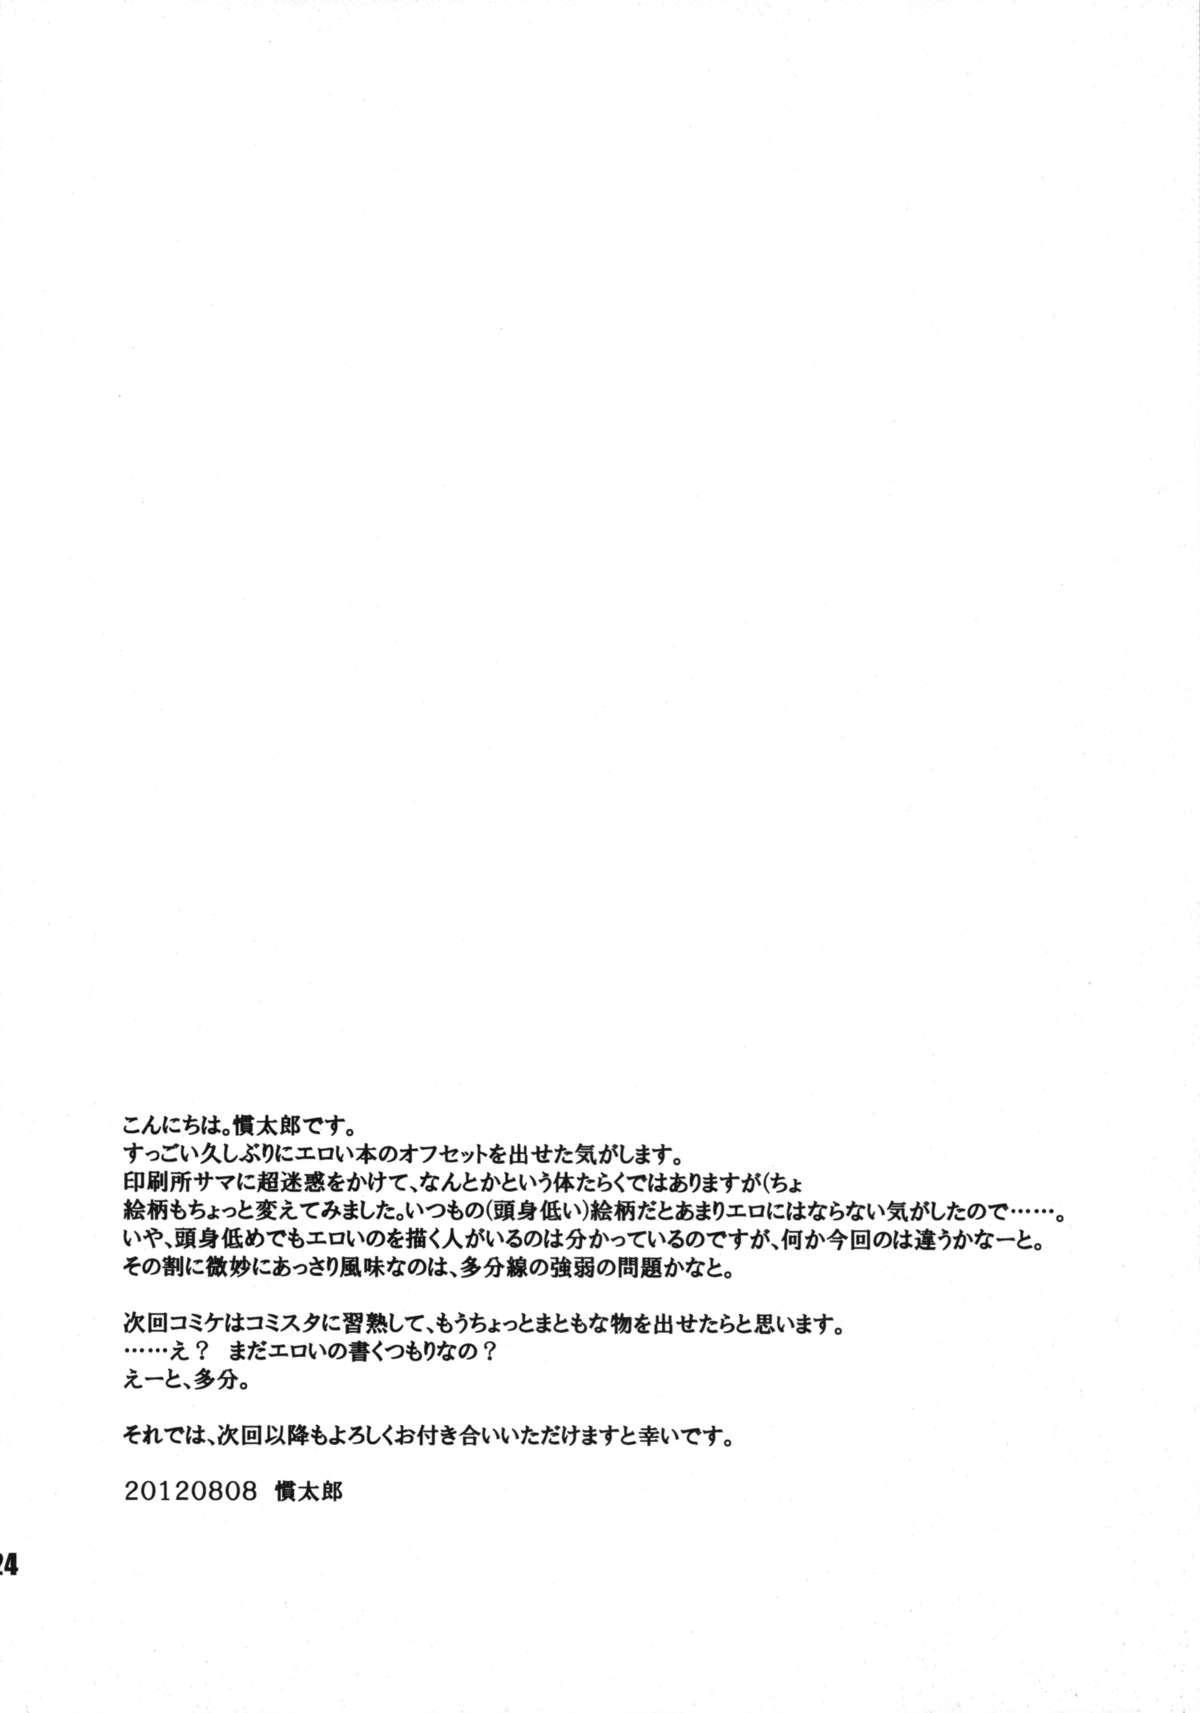 Kasshoku ButaHime - Chocolate Color & Pig's Princess 22